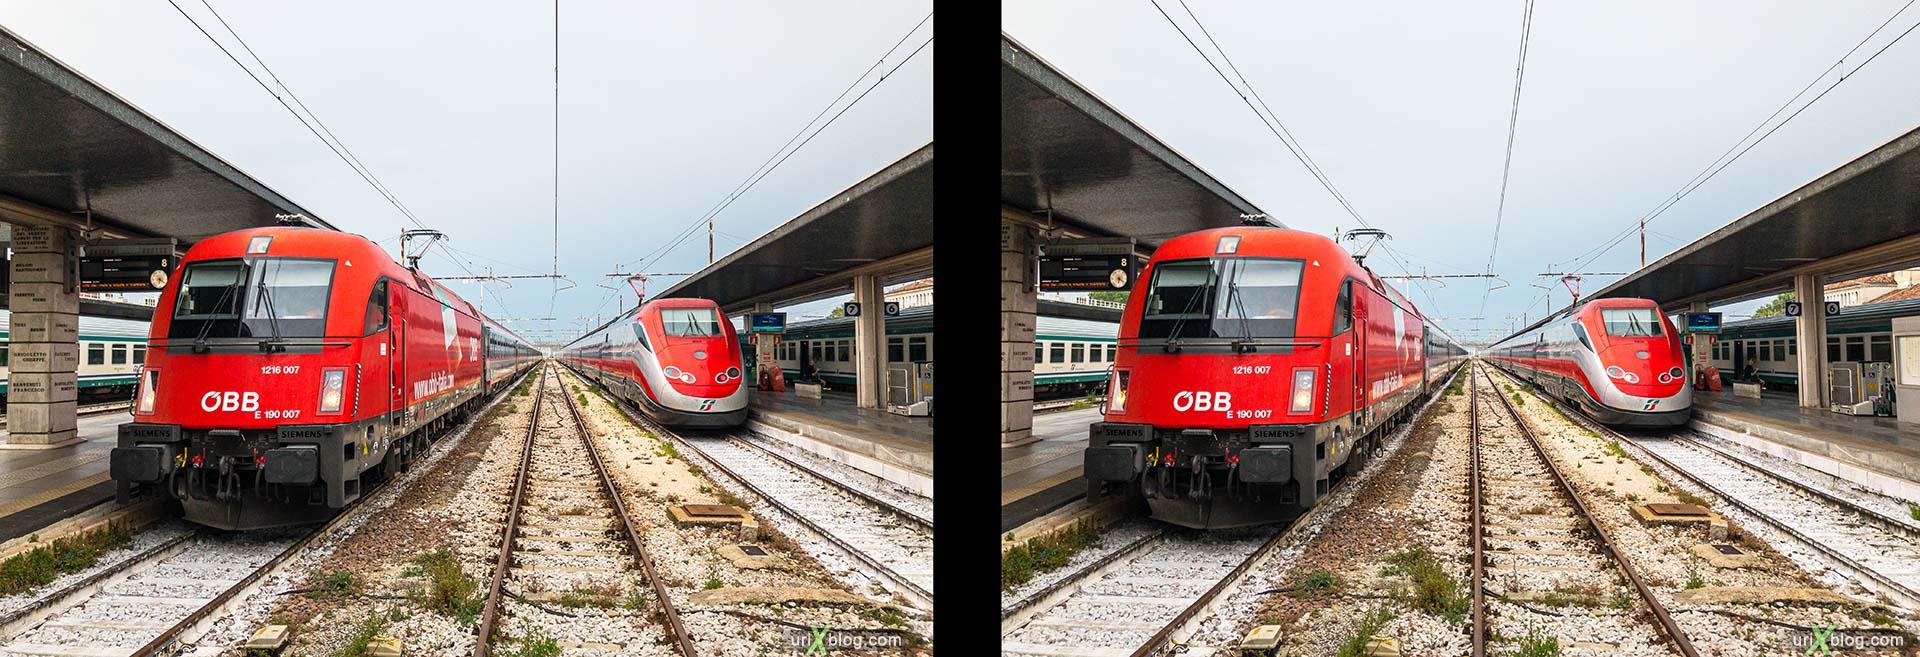 Venezia Santa Lucia, Венеция, жд вокзал, поезд, электровоз, Италия, 3D, перекрёстная стереопара, стерео, стереопара